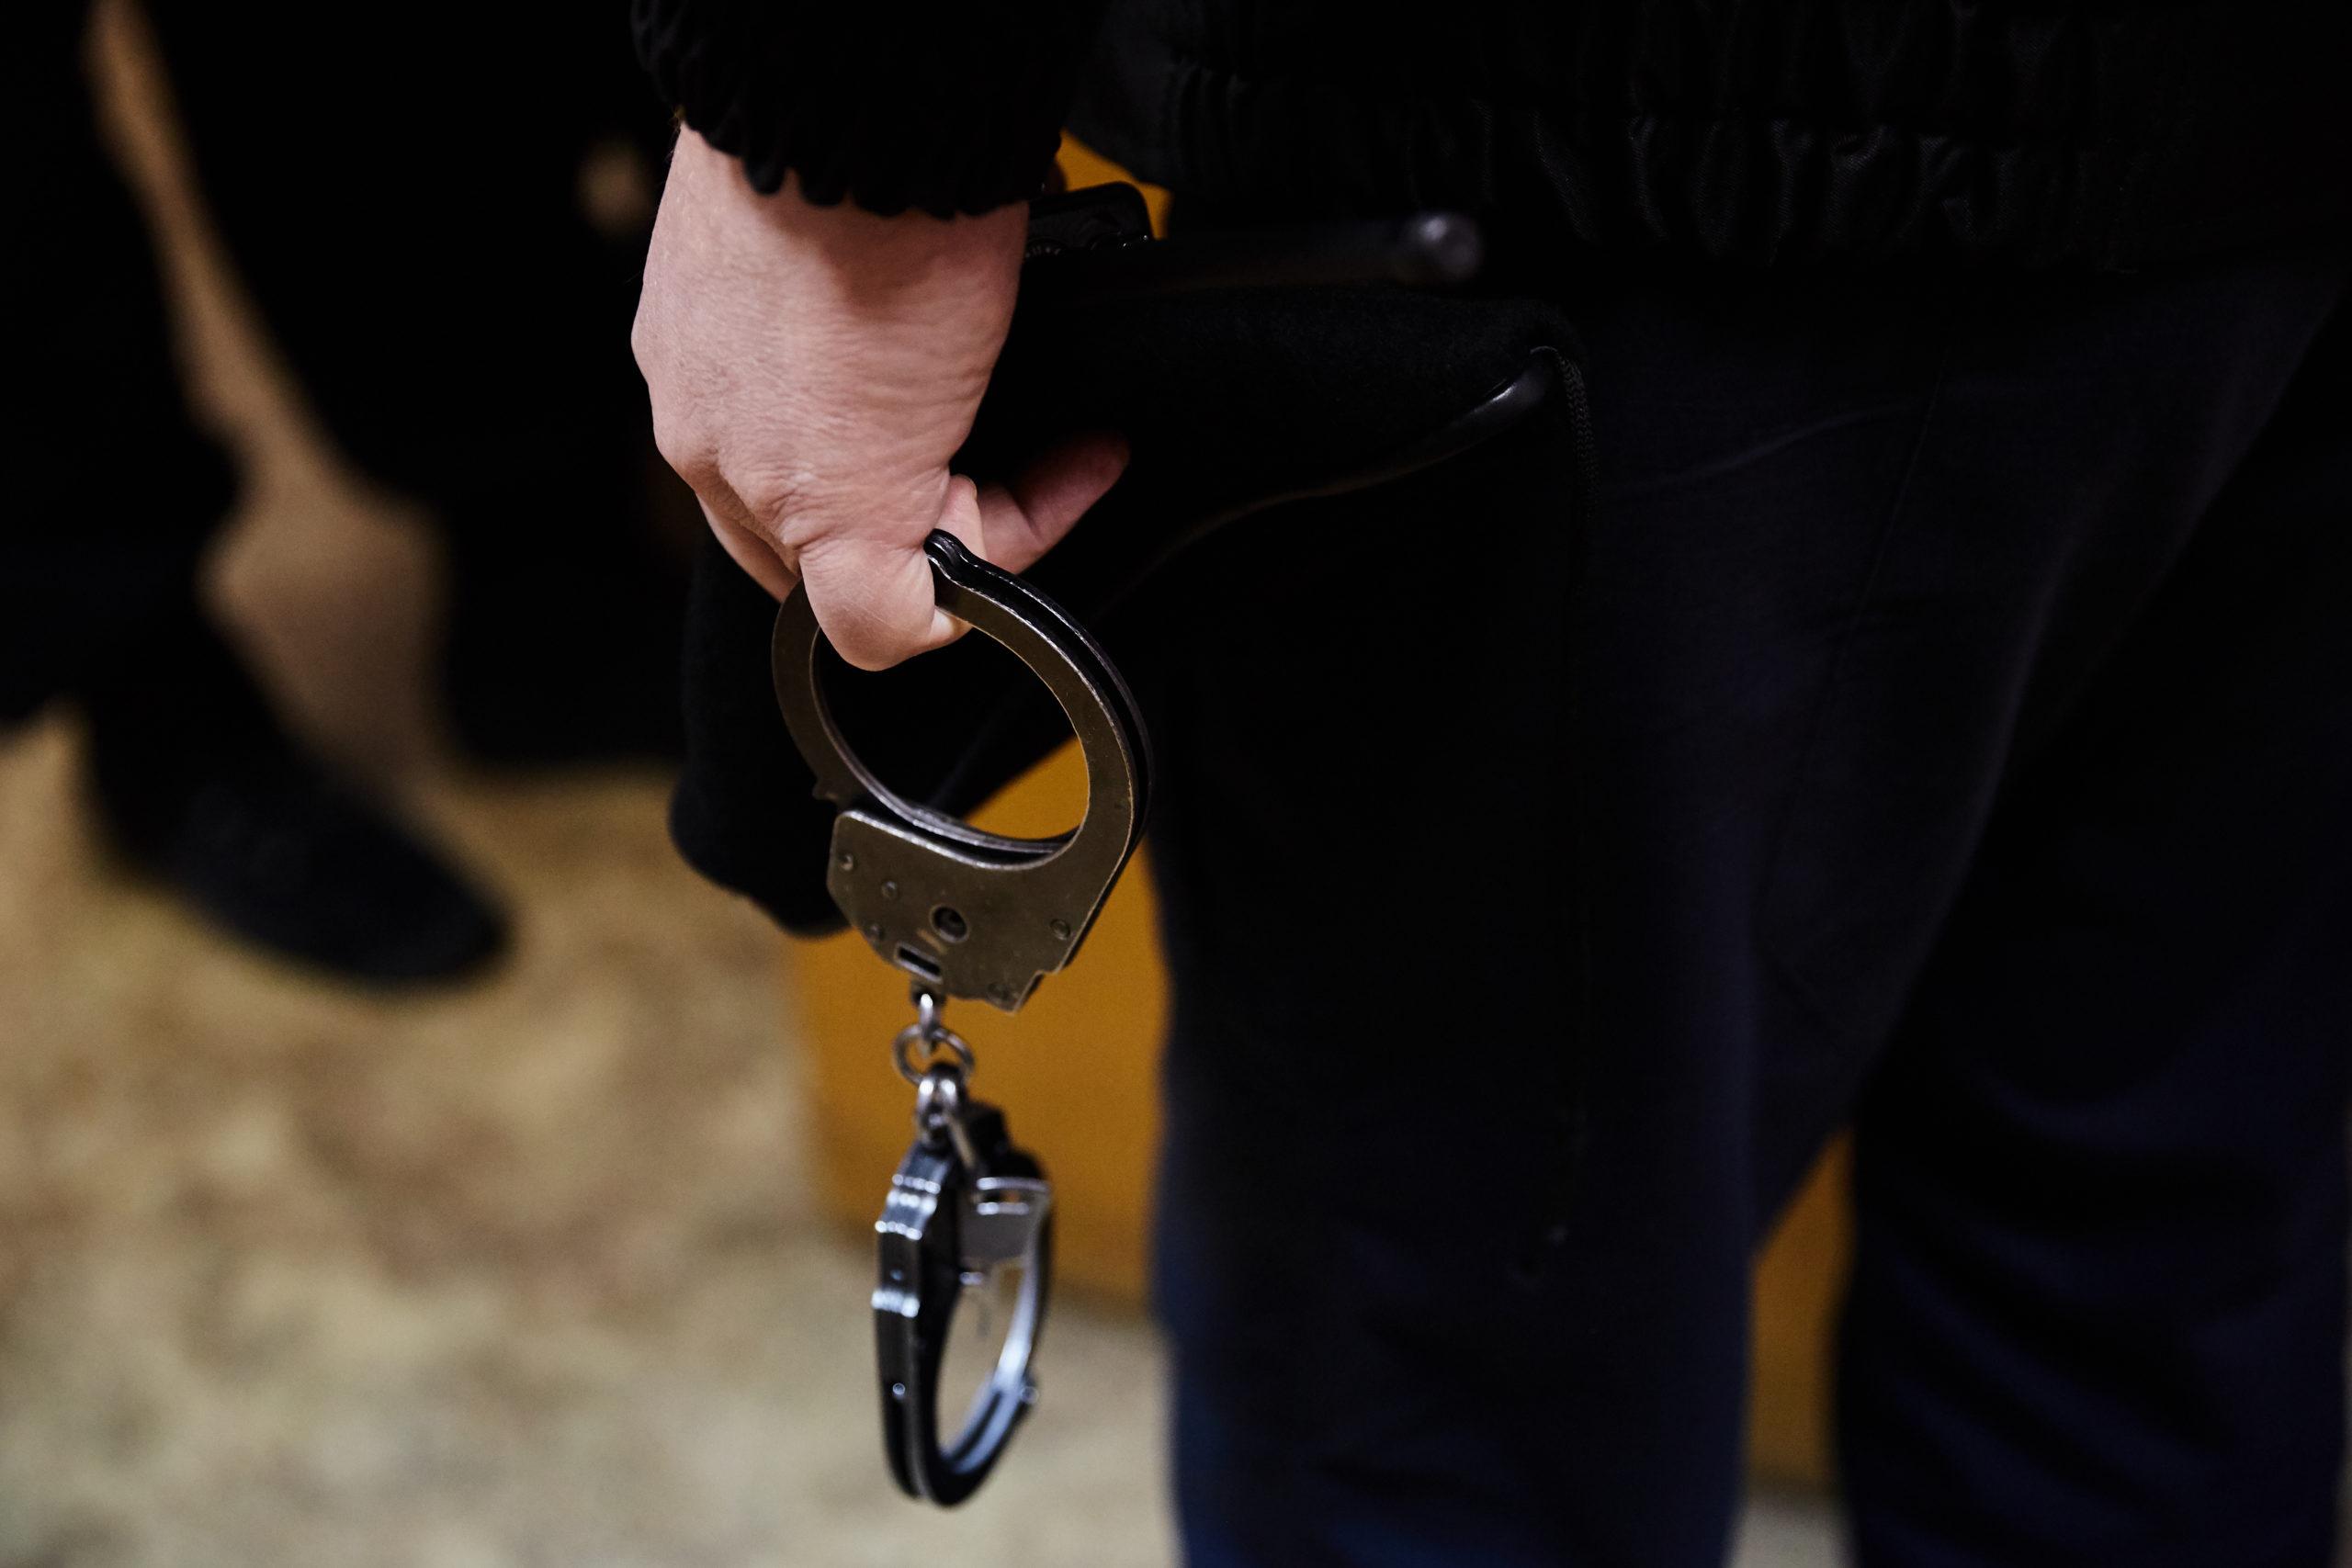 За хранение запрещенных веществ житель Ржева получит до 10 лет тюрьмы